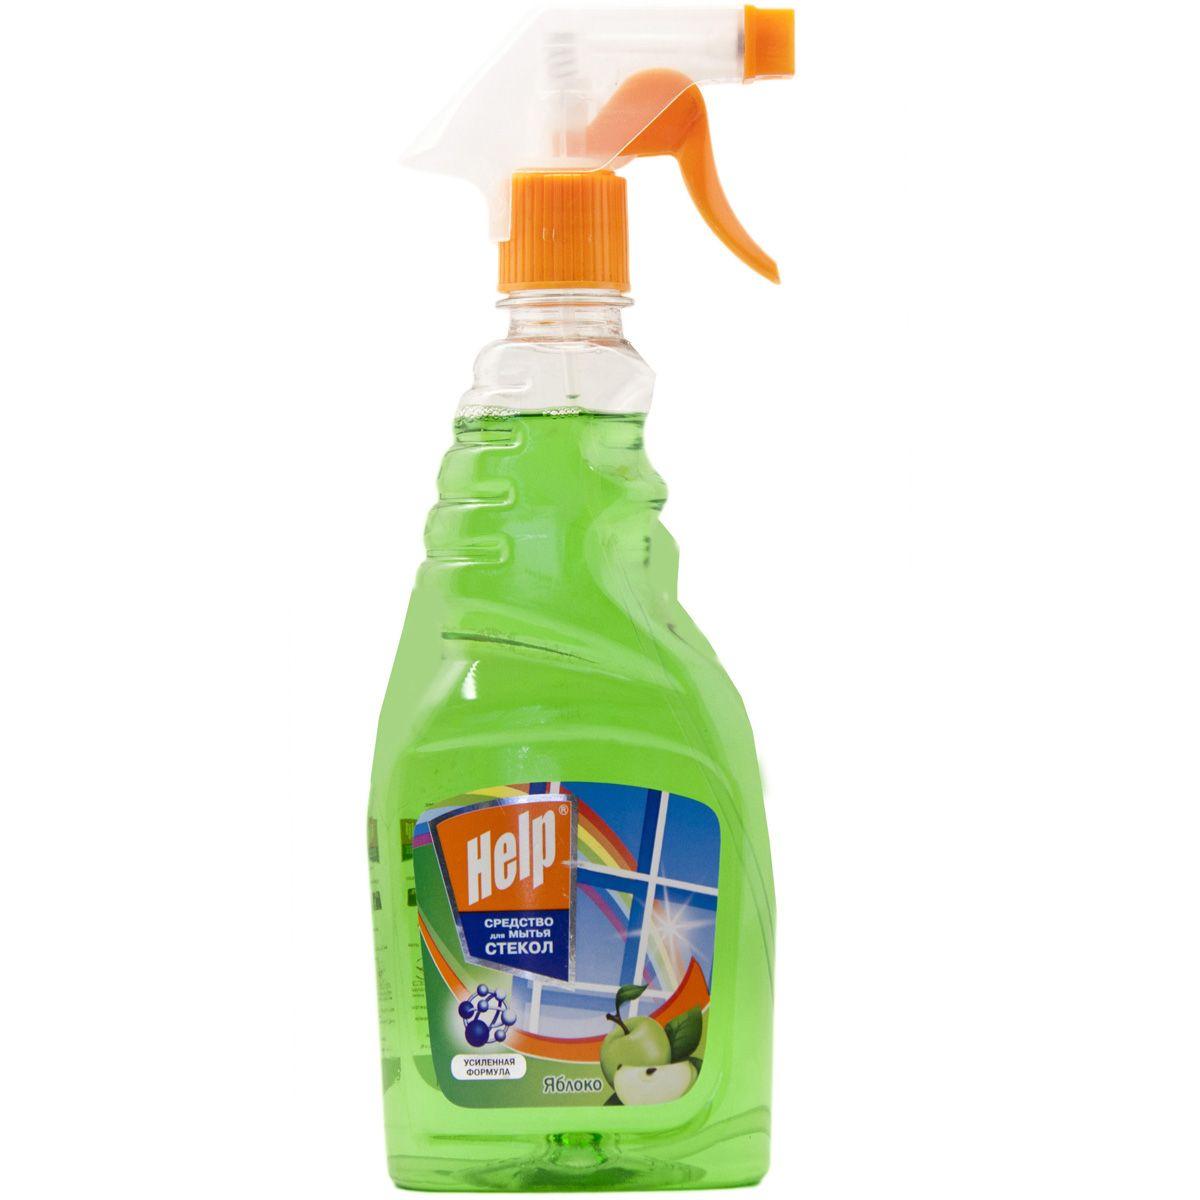 Средство для мытья стекол Help Яблоко, 750 млSS 4041Средство для мытья стекол Help Яблоко- это эффективное средство для мытья стекол, окон, зеркал. Удаляет пятна. Смывает грязь, следы от пальцев.Защищает от пыли и придает блеск. Не оставляет разводов.